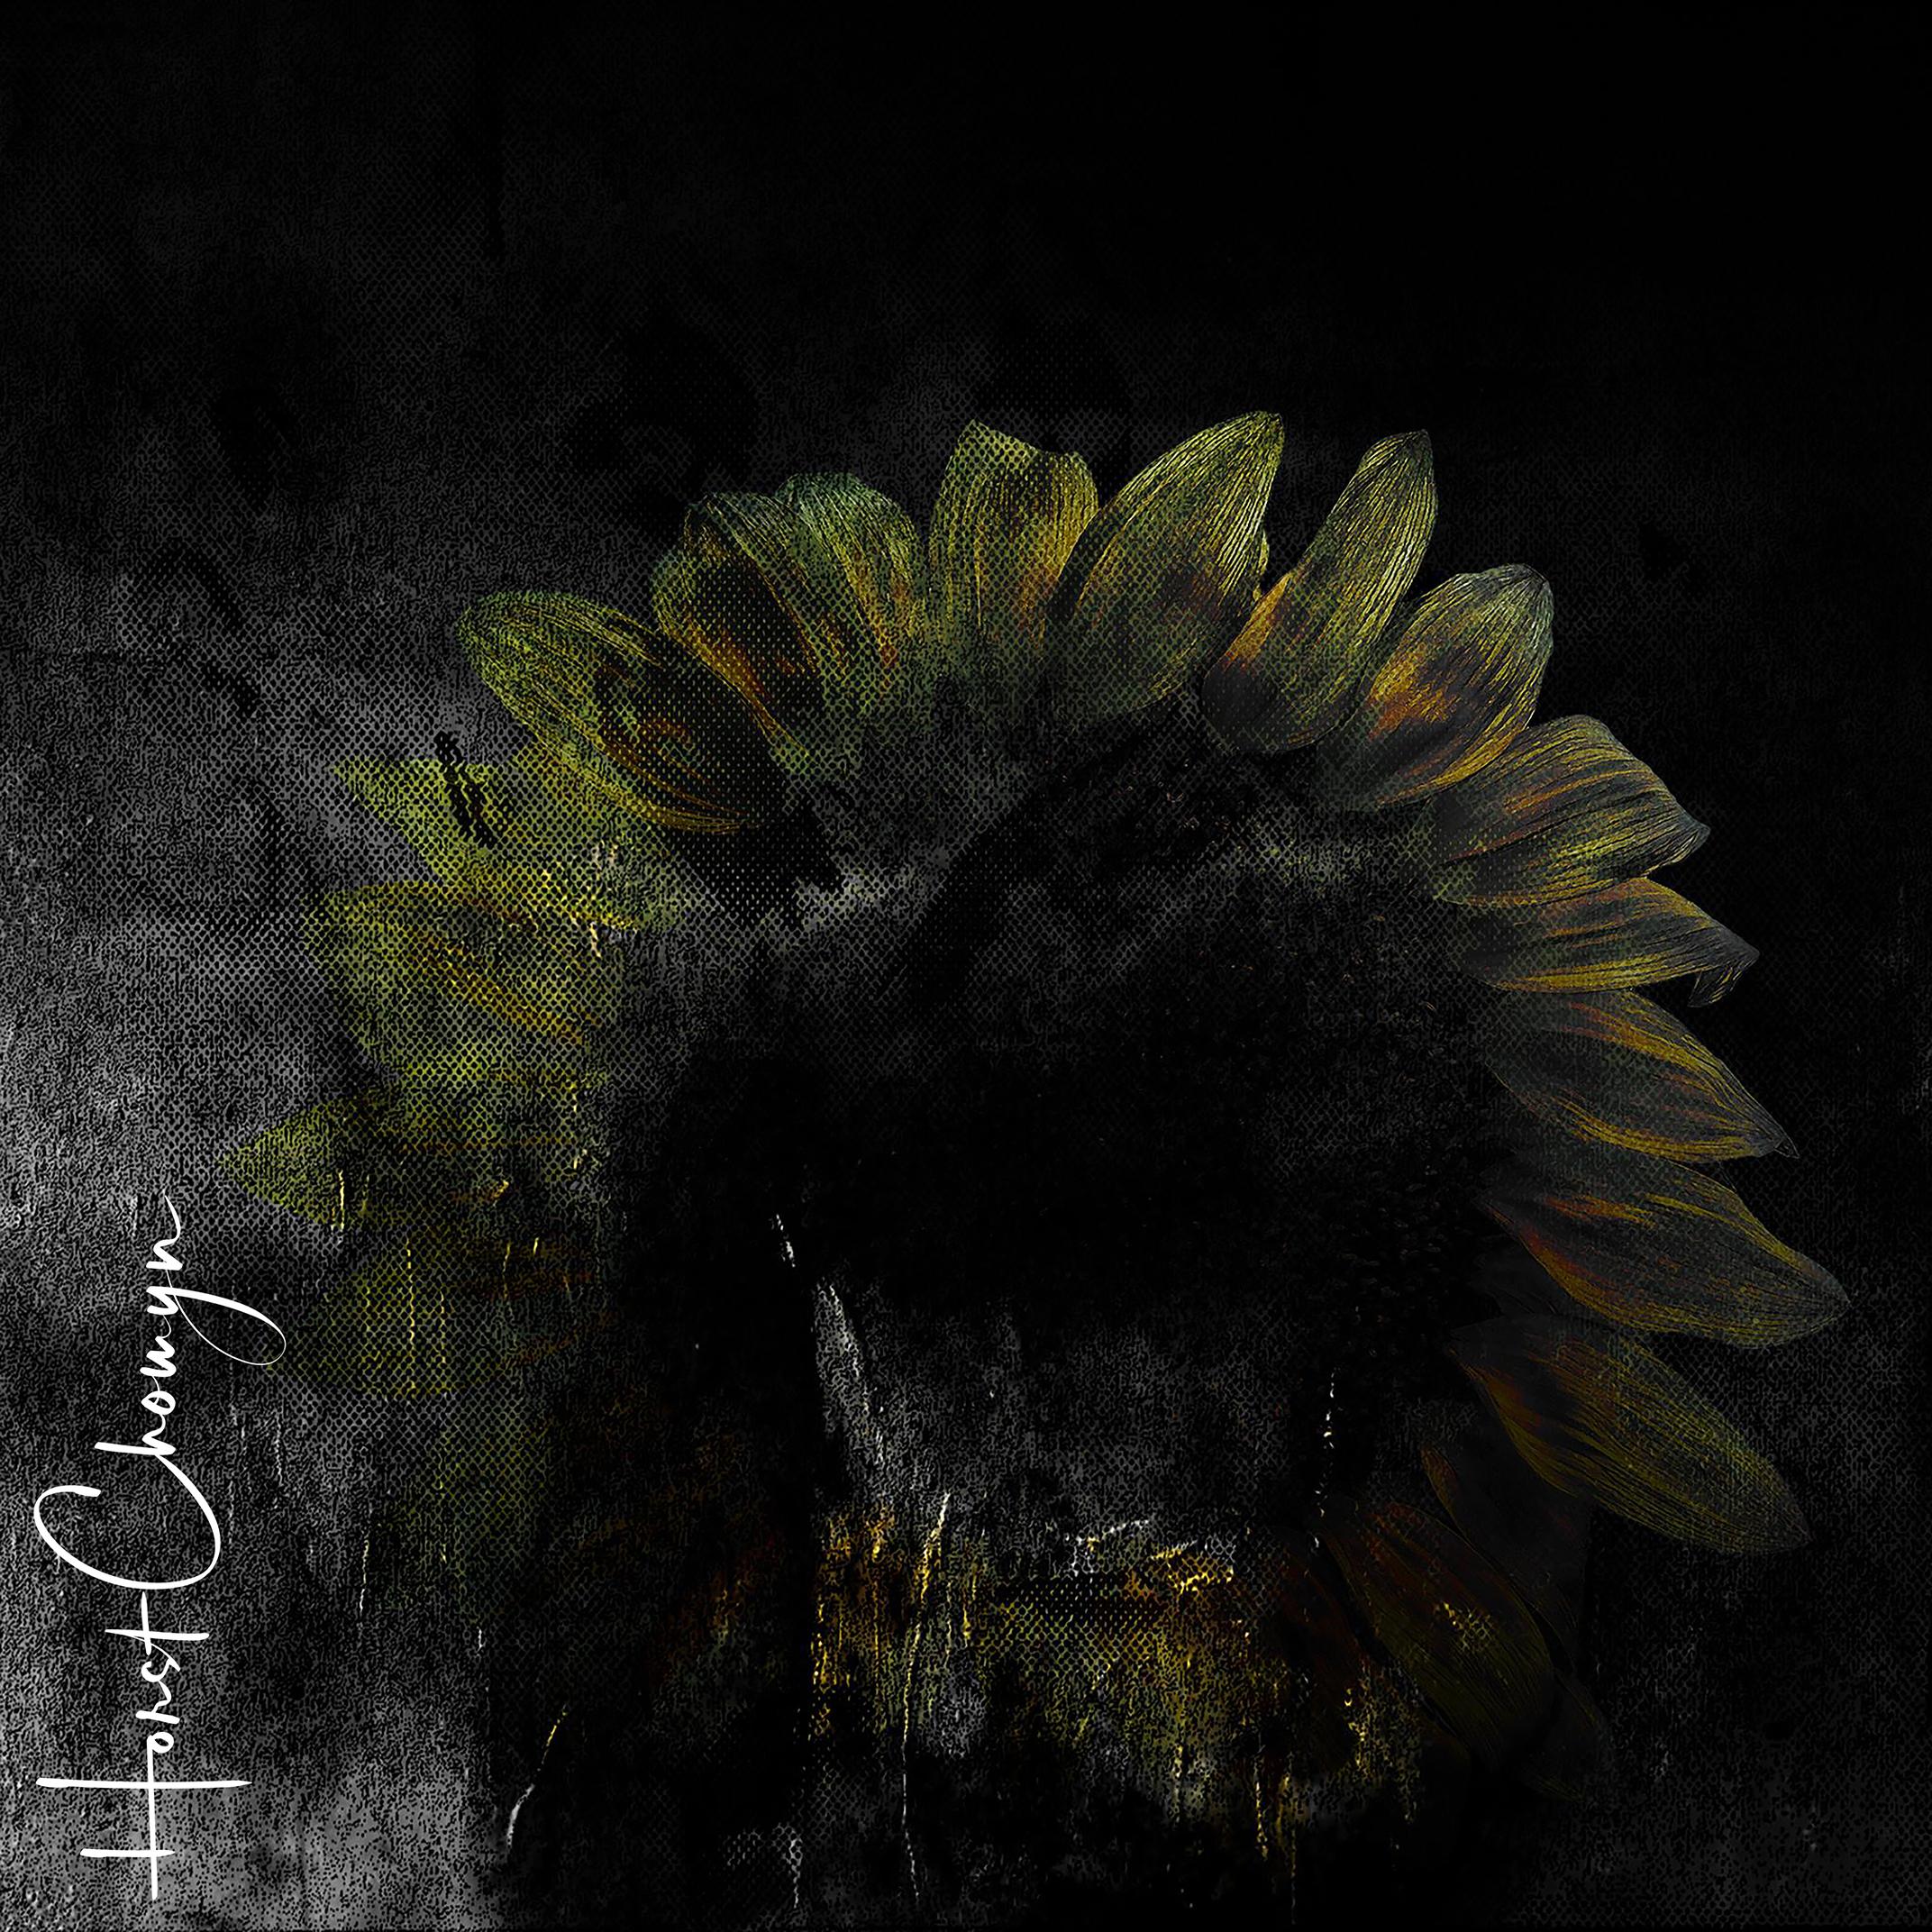 Sonnenblumenfinsternis